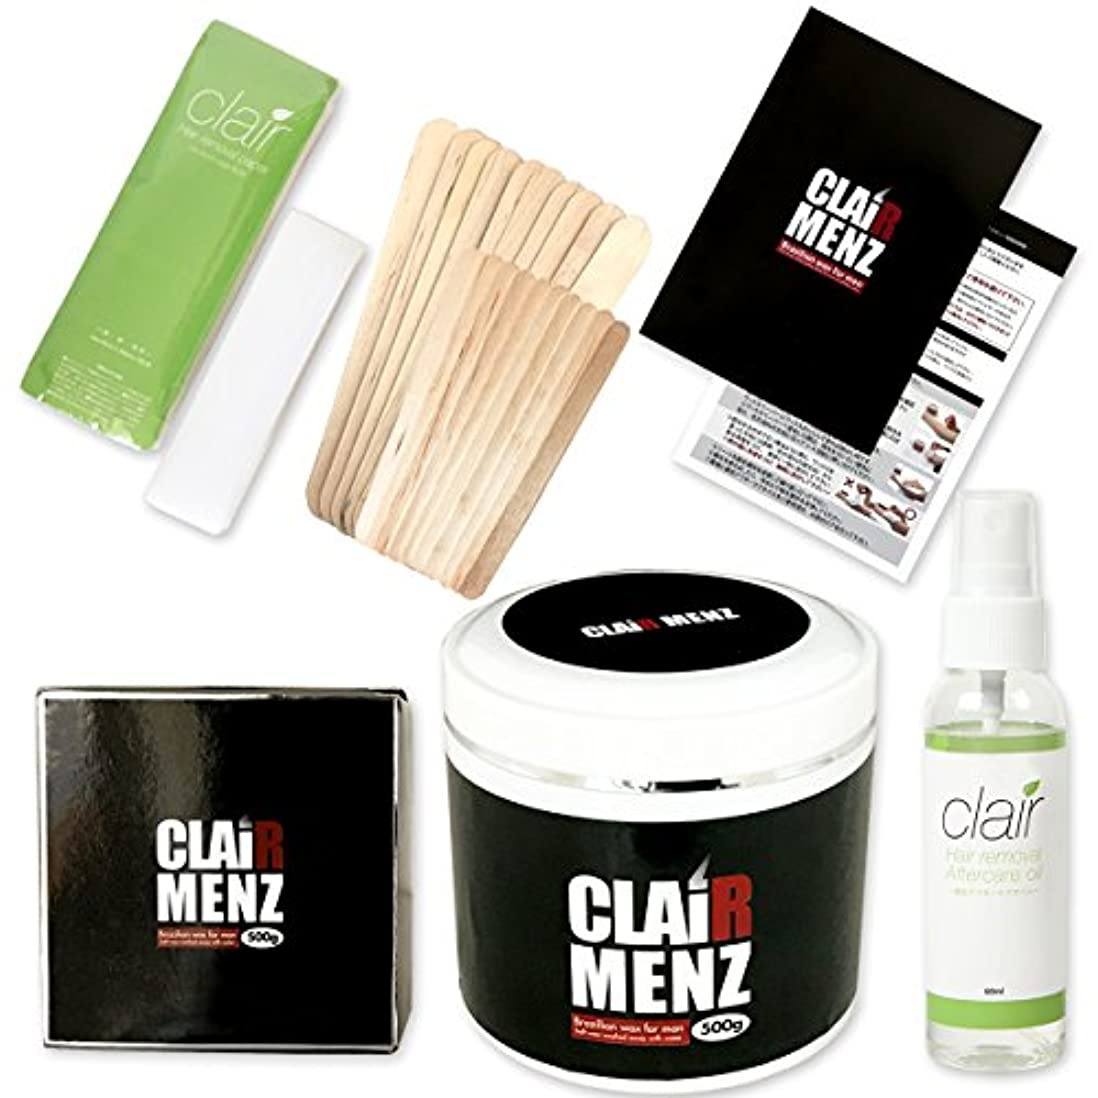 不透明な好色な石膏clair Menz wax ブラジリアンワックス スターターキット 【取扱説明書付】